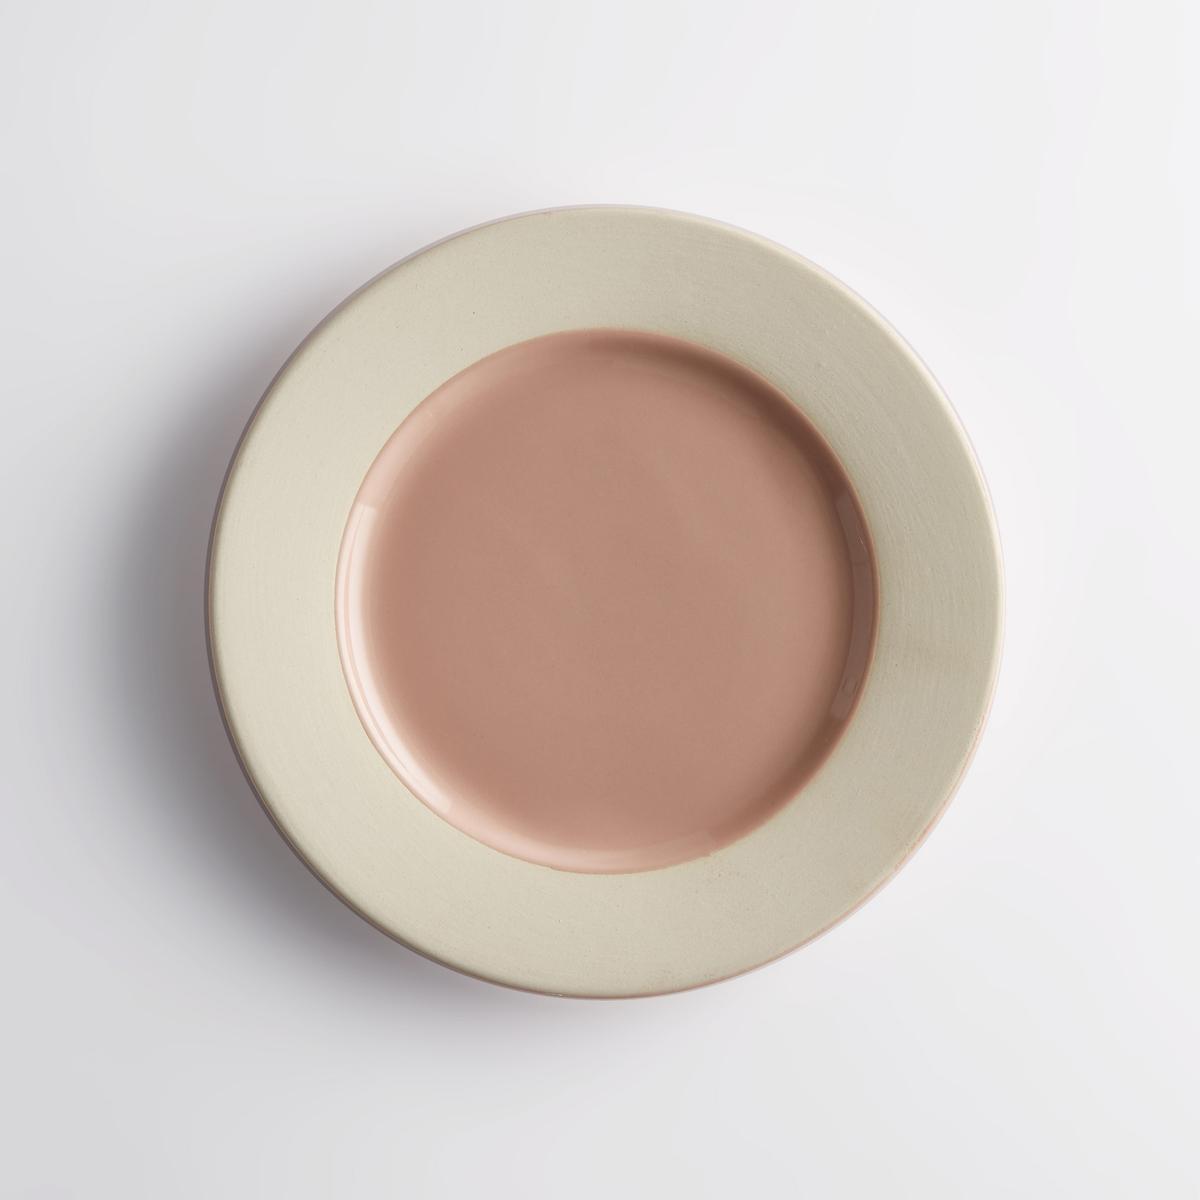 Комплект из 4 десертных тарелок, WAROTAОписание:Десертная тарелка Warota отличается строгим и аутентичным дизайном и двухцветной расцветкой, что обеспечивает сочетание с любым стилем внутреннего декора.Характеристики 4 двухцветных десертных тарелок из керамики Warota : •  Из керамики •  Края из керамики •  Продаётся в комплекте из 4 десертных тарелокРазмеры 4 двухцветных десертных тарелок из керамики Warota : •  ?20 смЦвета 4 двухцветных десертных тарелок из керамики Warota : •  Керамика без глазури / розовый •  Керамика без глазури / синийДругие тарелки и предметы декора стола вы можете найти на сайте laredoute.ru<br><br>Цвет: розовая пудра,синий<br>Размер: единый размер